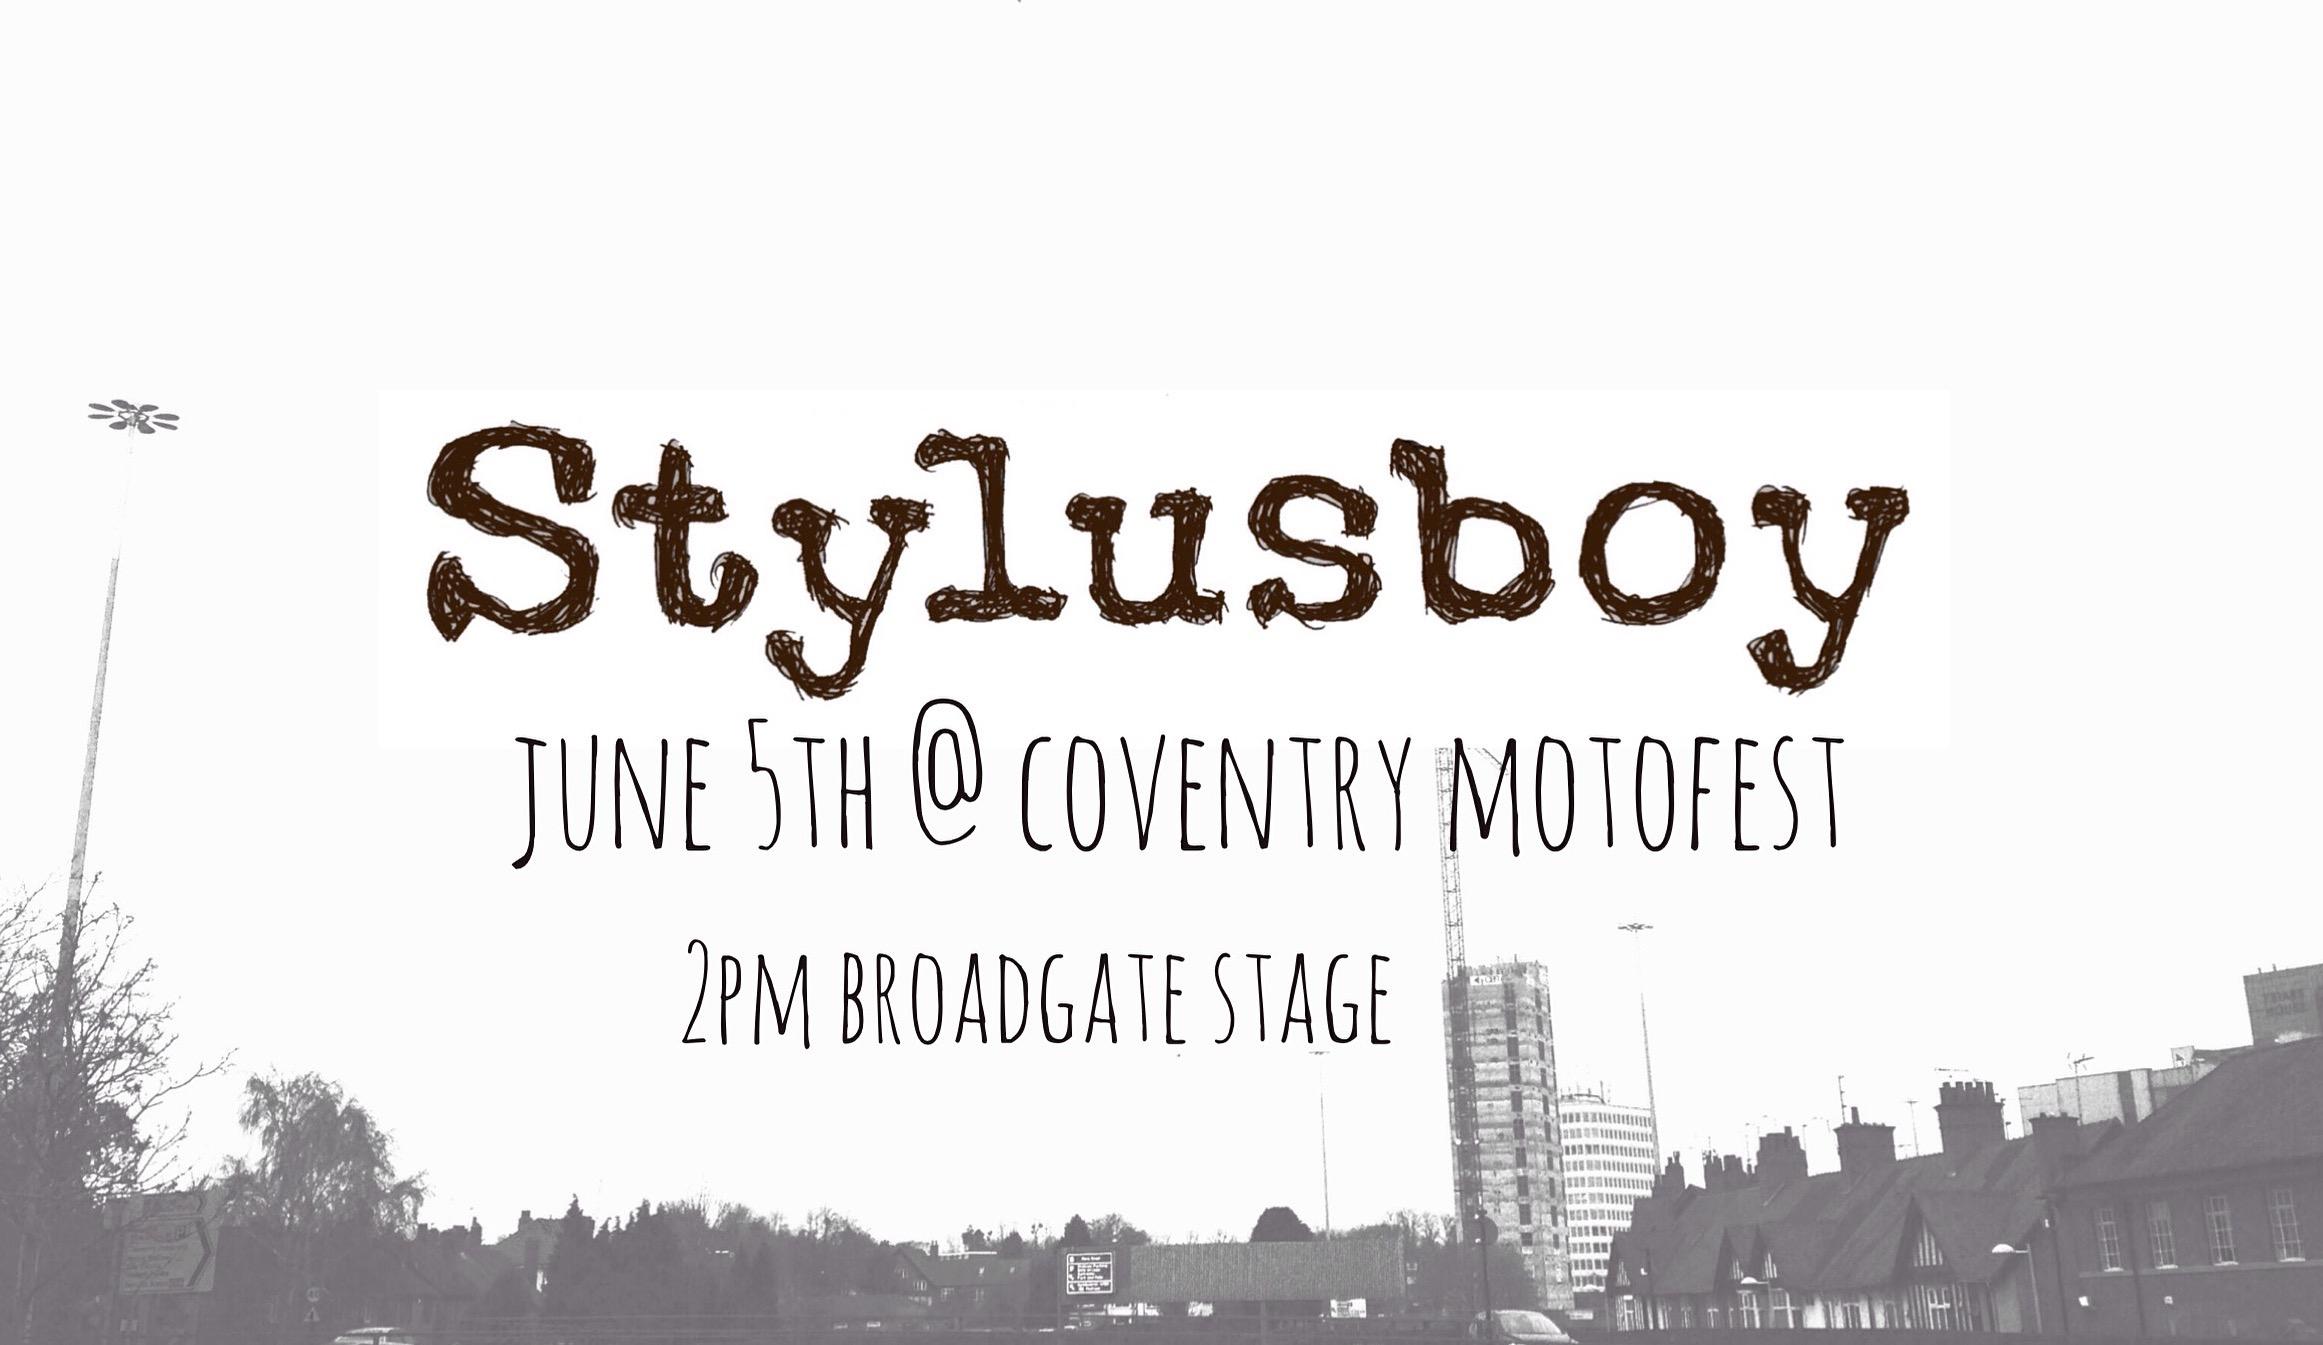 Stylusboy-coventry-motofest-2016